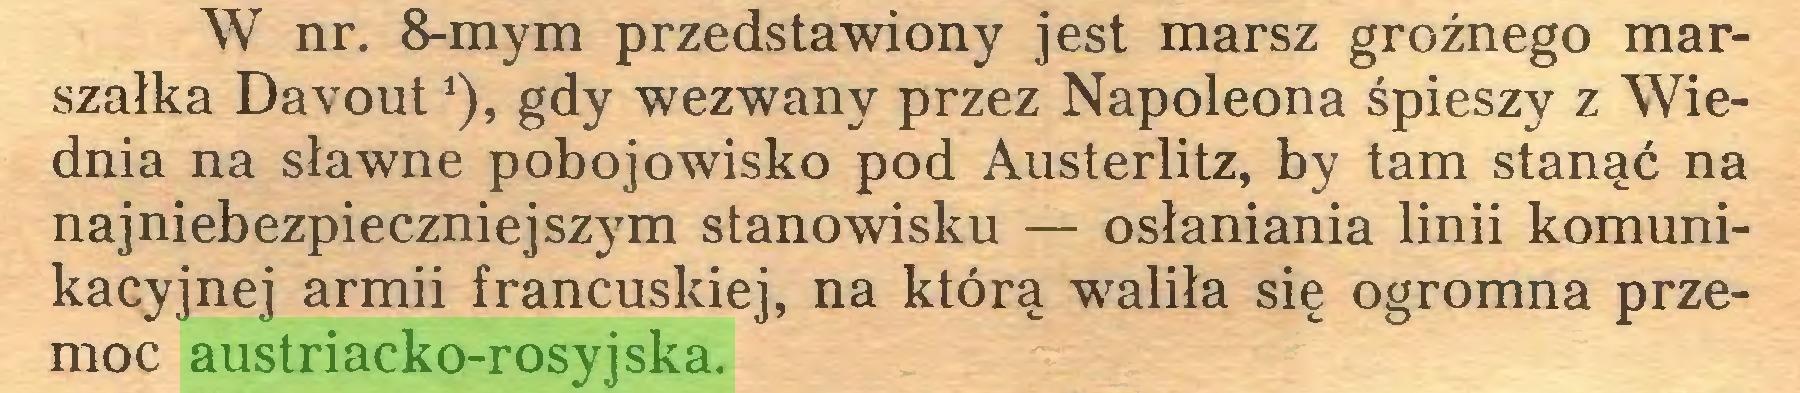 (...) W nr. 8-mym przedstawiony jest marsz groźnego marszałka Davout *), gdy wezwany przez Napoleona śpieszy z Wiednia na sławne pobojowisko pod Austerlitz, by tam stanąć na najniebezpieczniejszym stanowisku — osłaniania linii komunikacyjnej armii francuskiej, na którą waliła się ogromna przemoc austriacko-rosyjska...